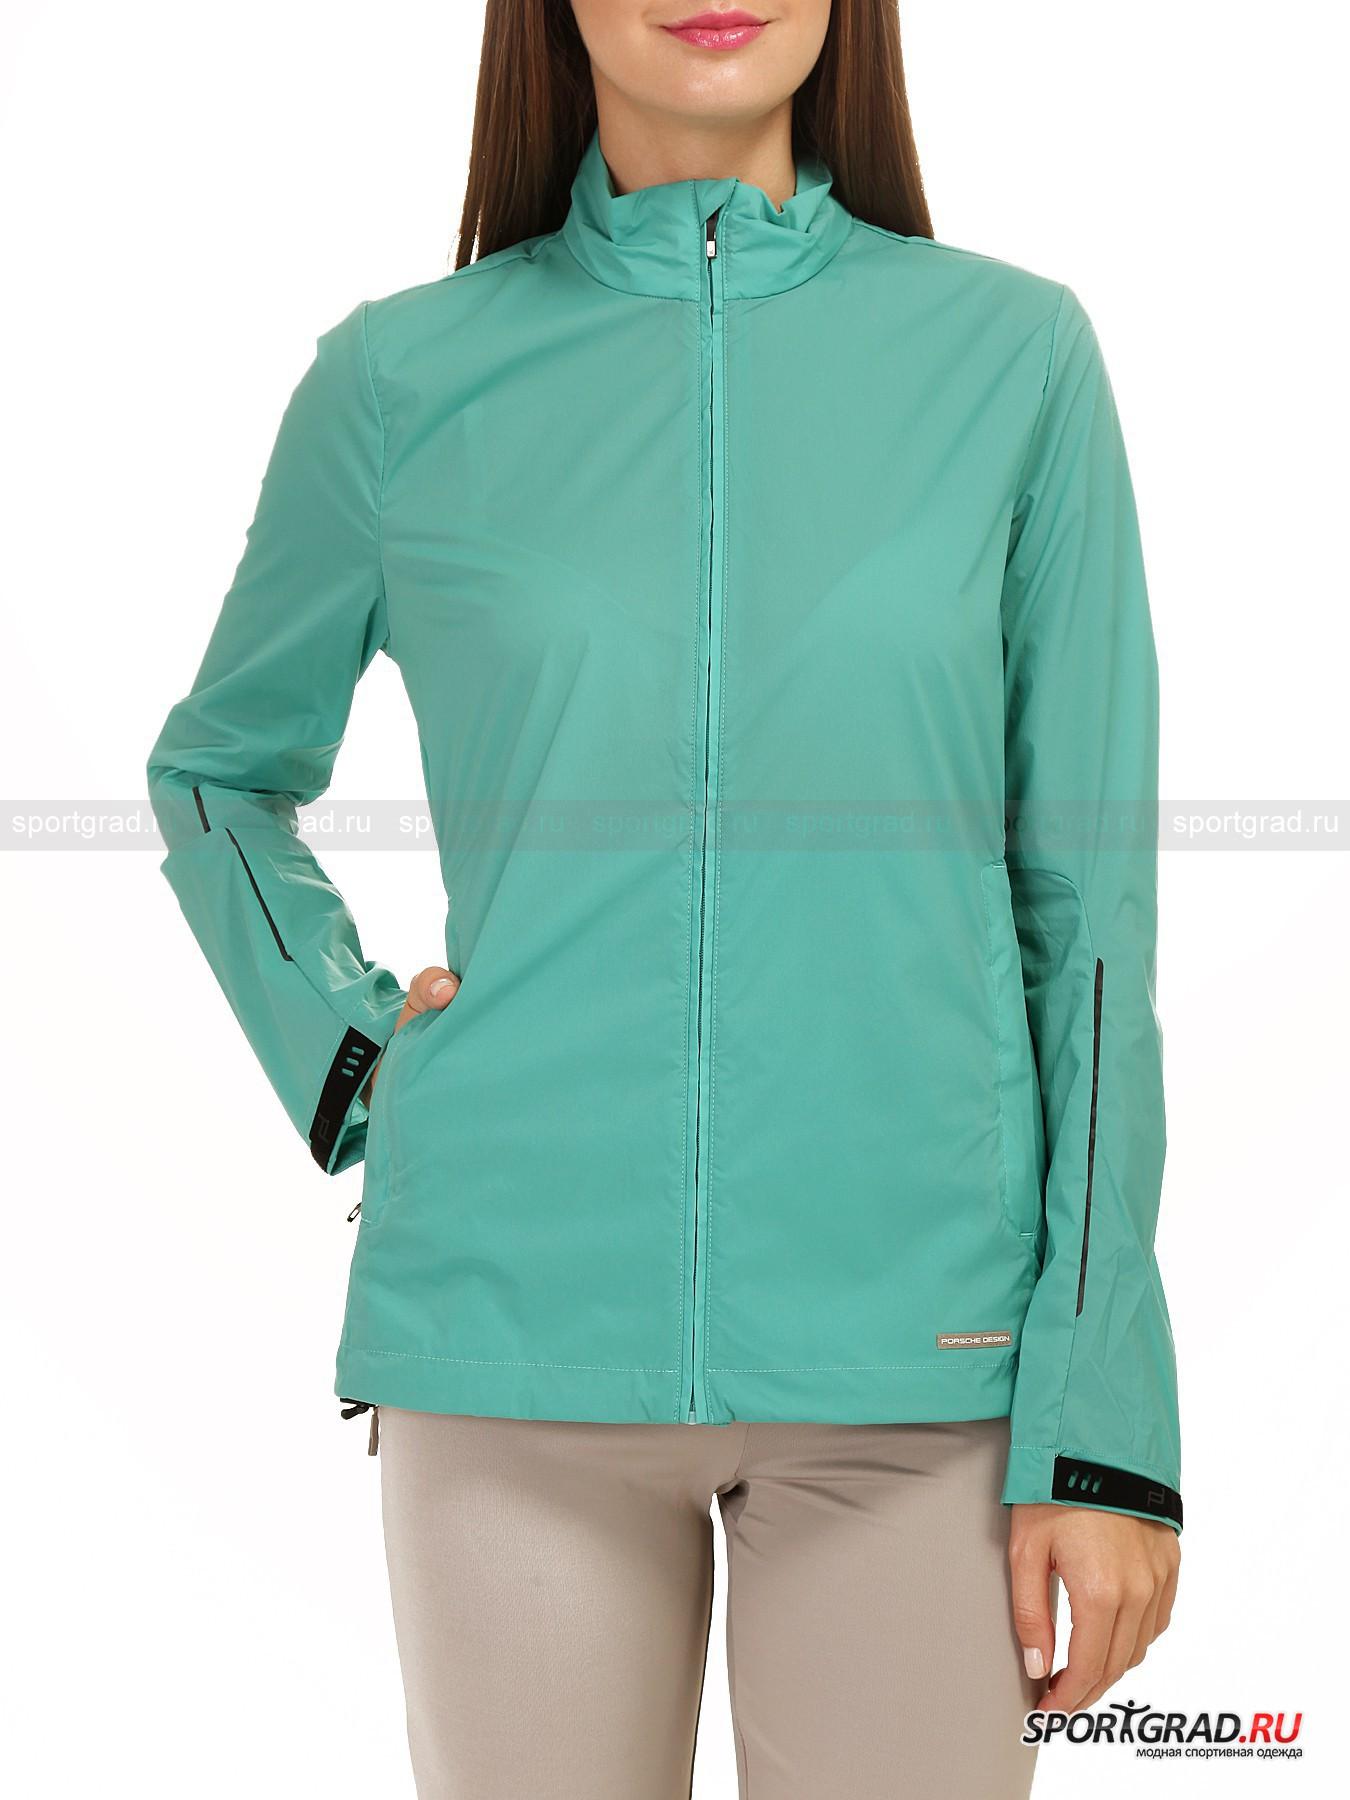 �������� ������� Ultralight Jacket PORSCHE DESIGN ��� ������� �������